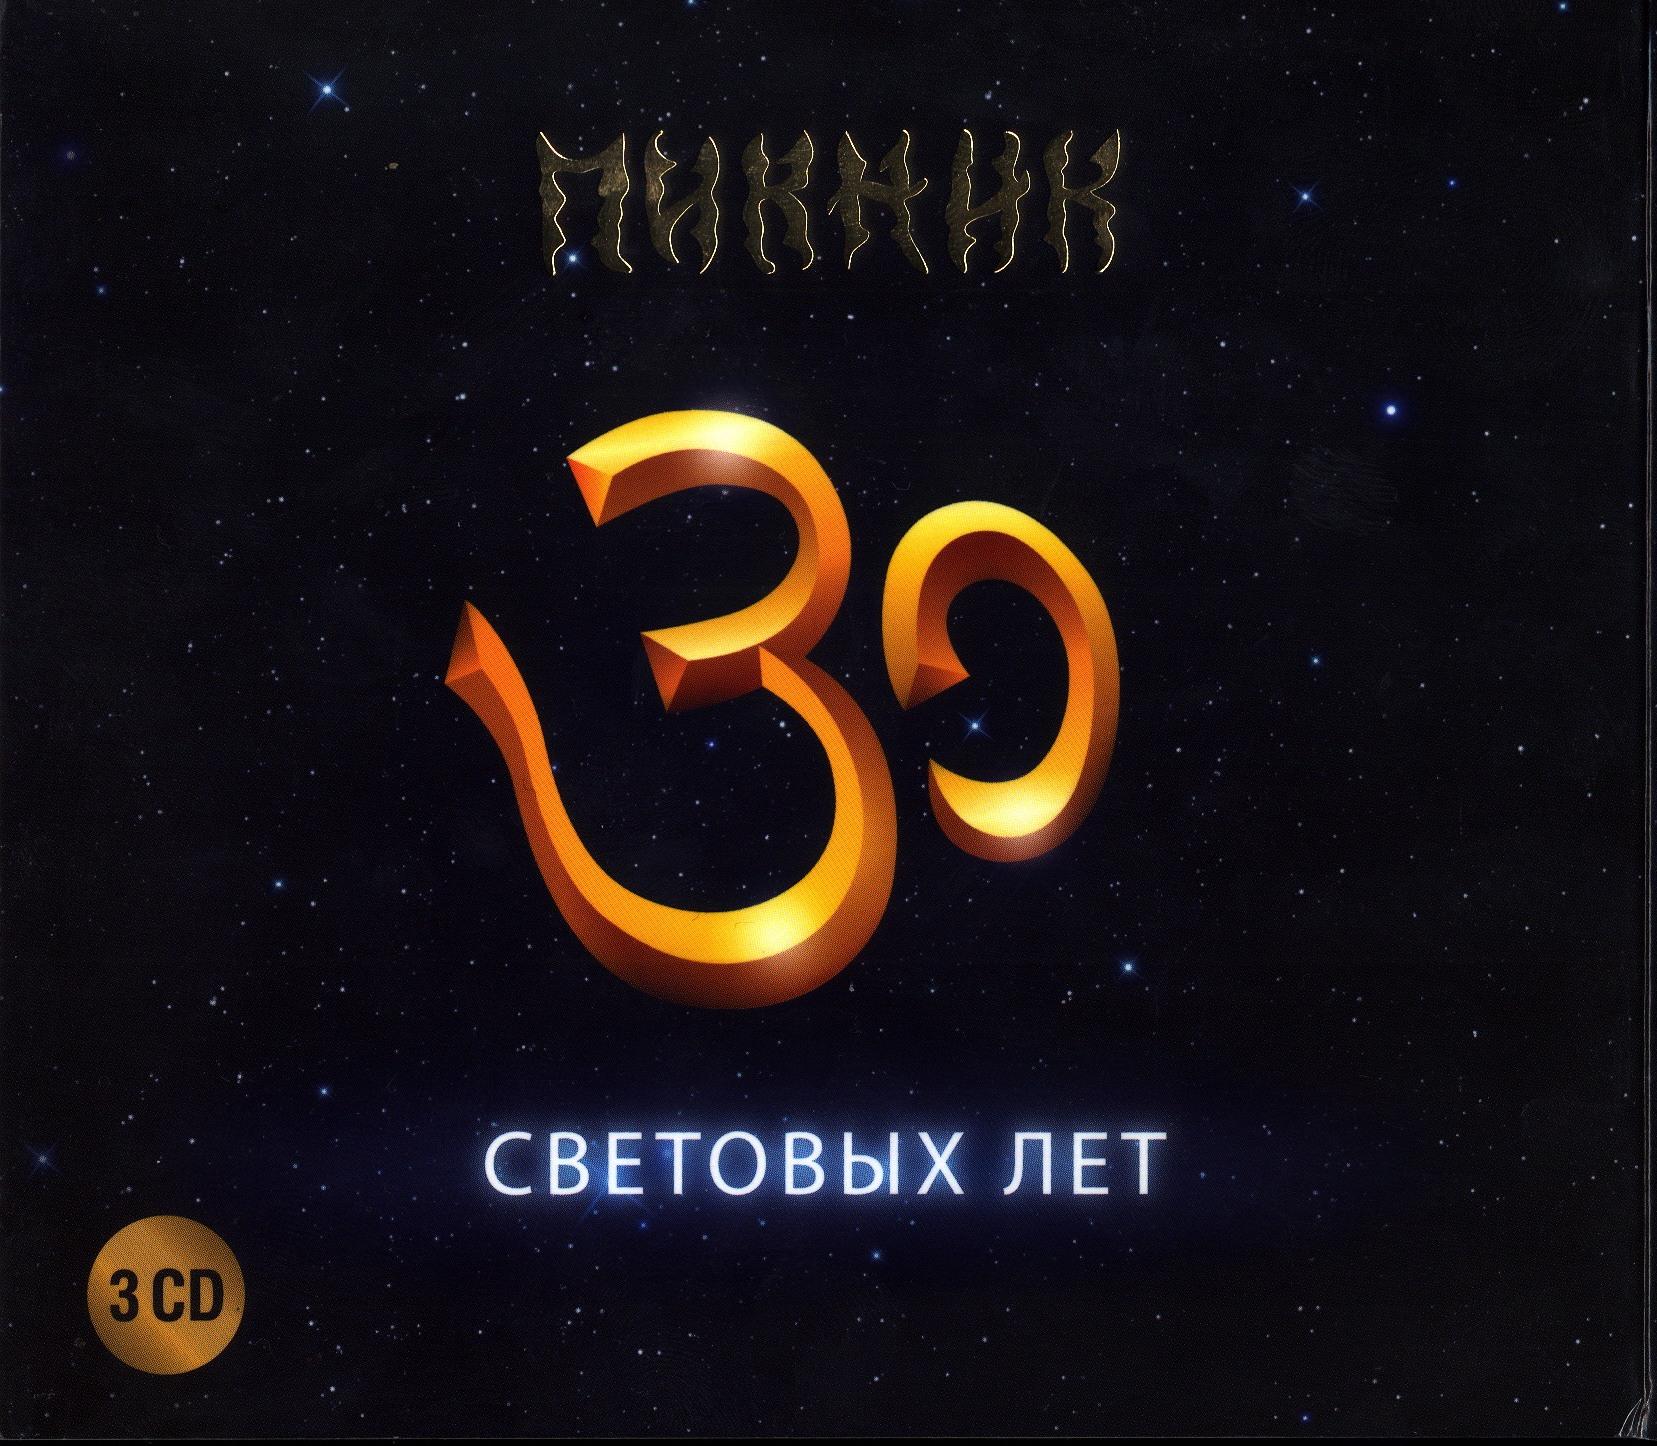 Пикник 30 световых лет скачать бесплатно mp3